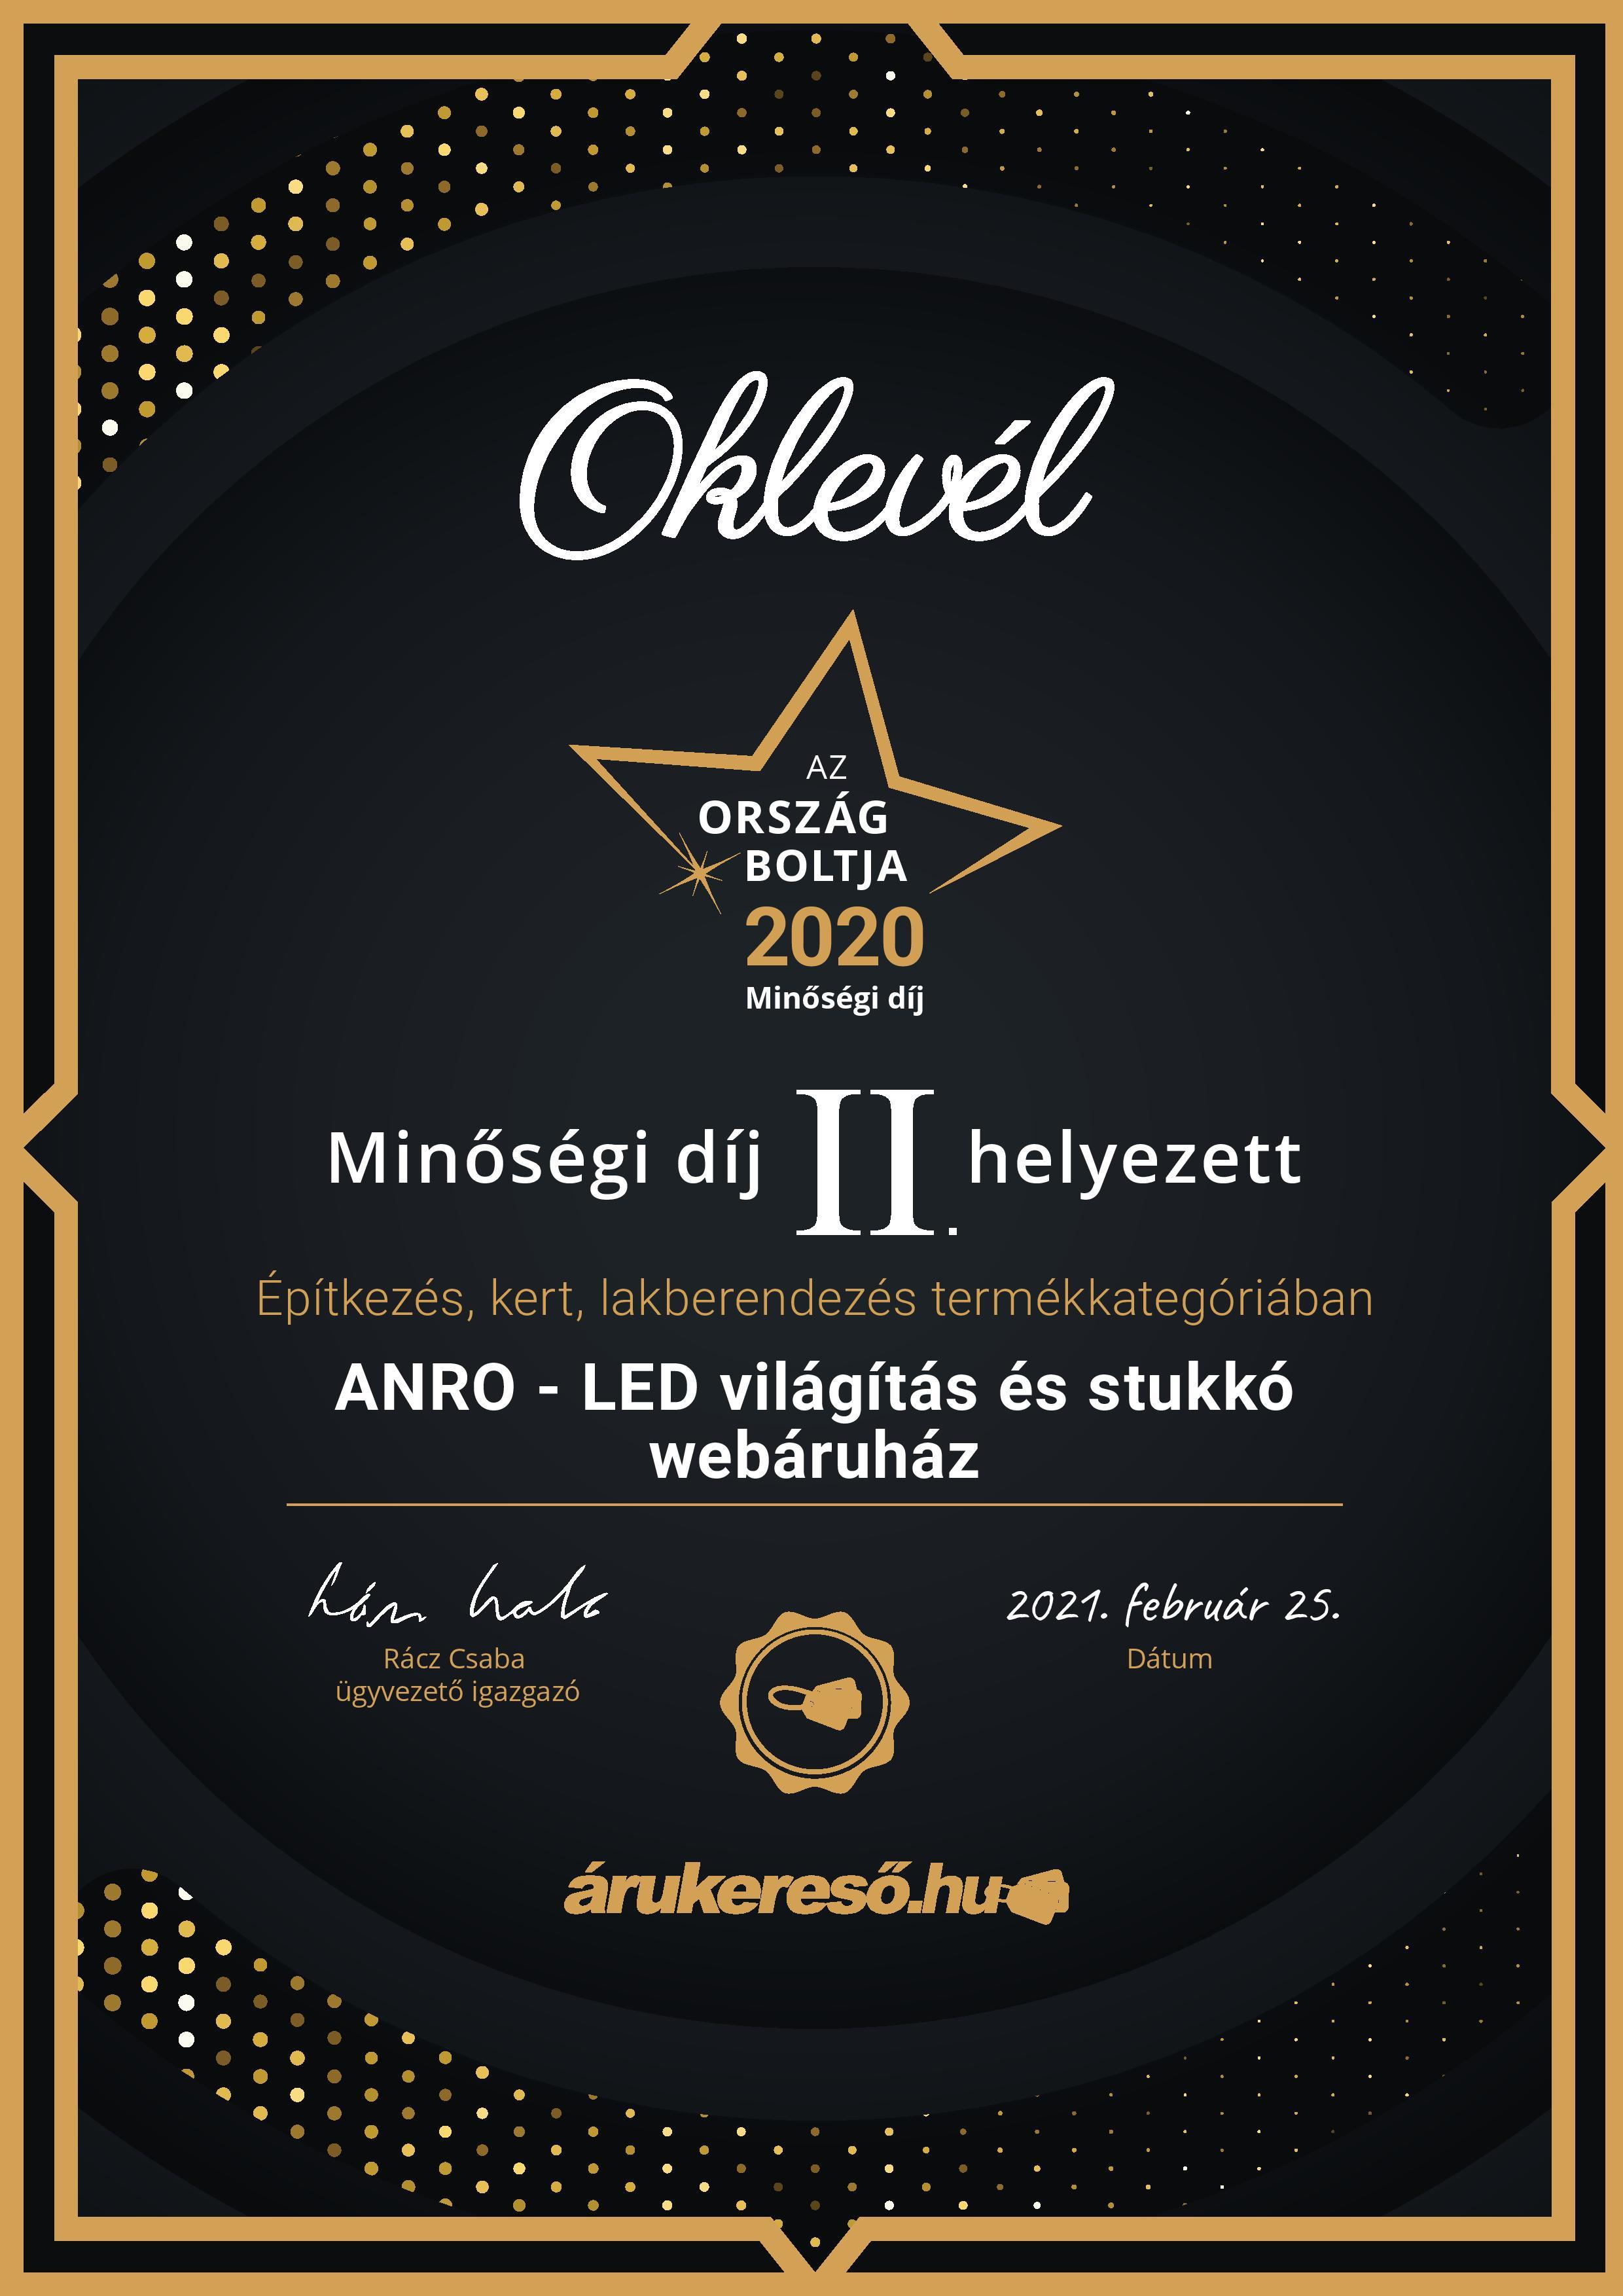 Ország Boltja 2020: Minőségi díj II. helyezés az ANRO Webáruház részére!